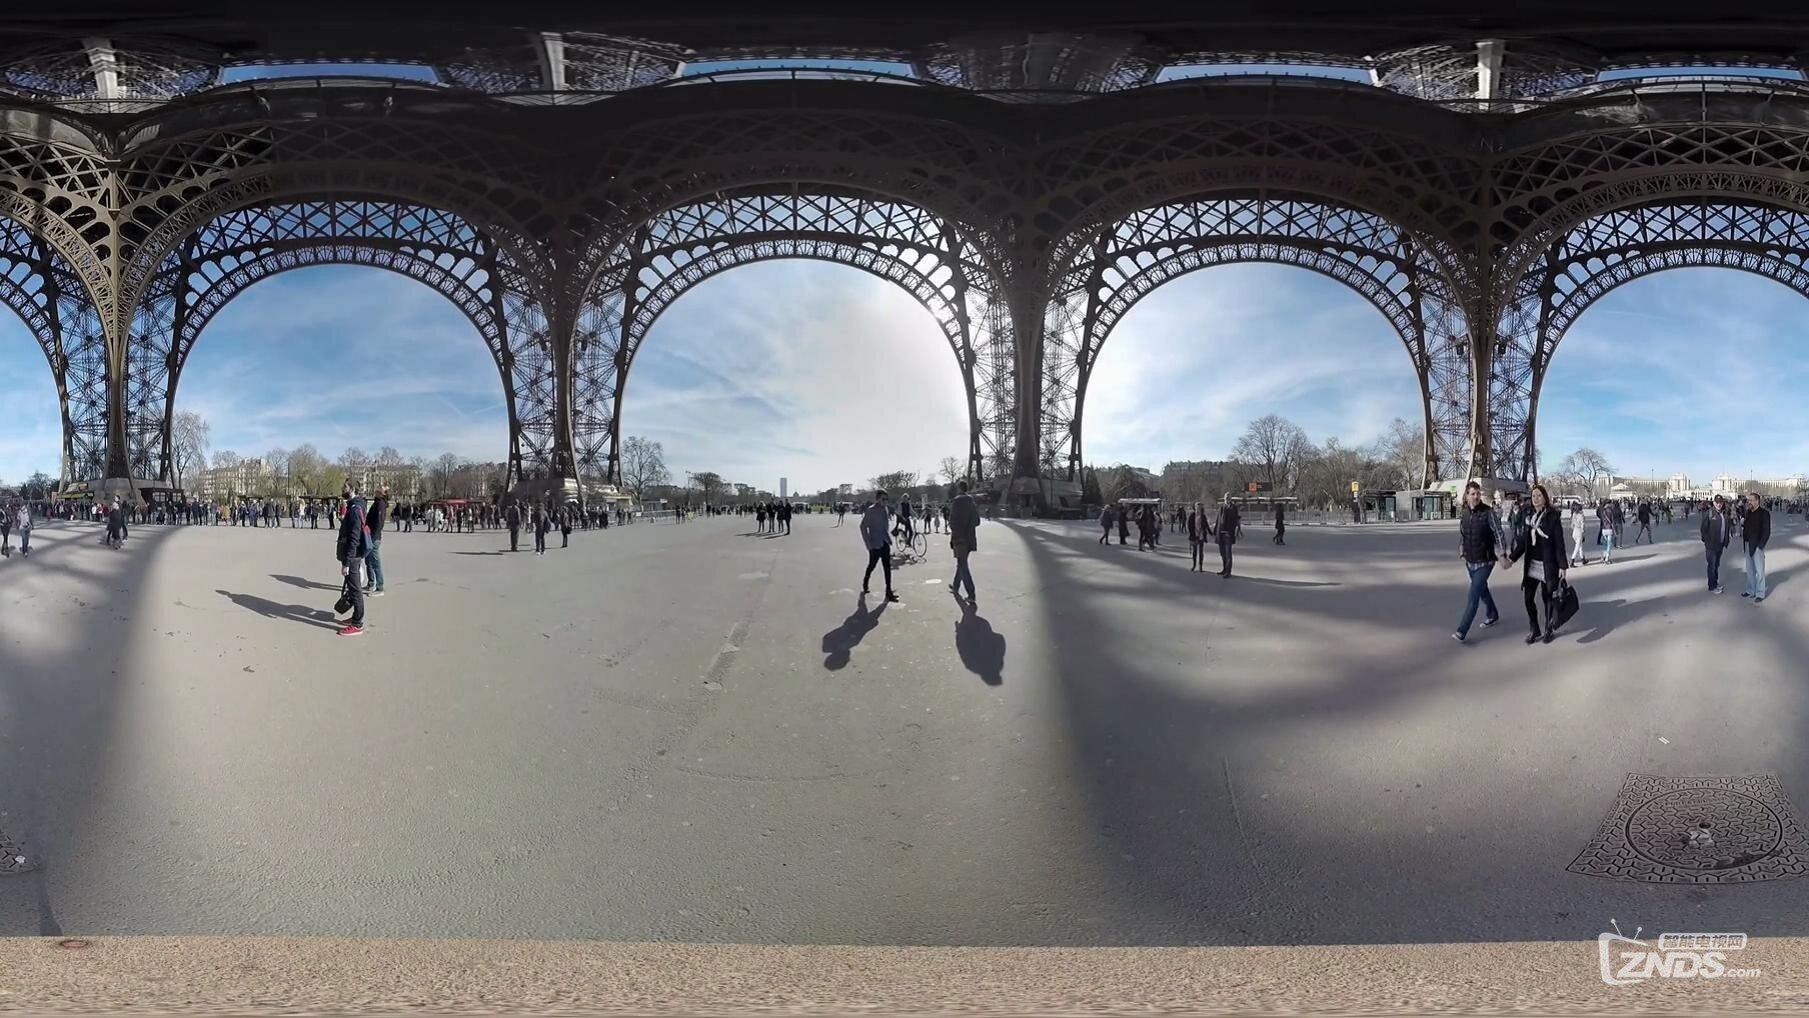 VR游览法国巴黎铁塔、凯旋门、圣母院【VR旅游】【XXII】_20161201125039.JPG.jpg